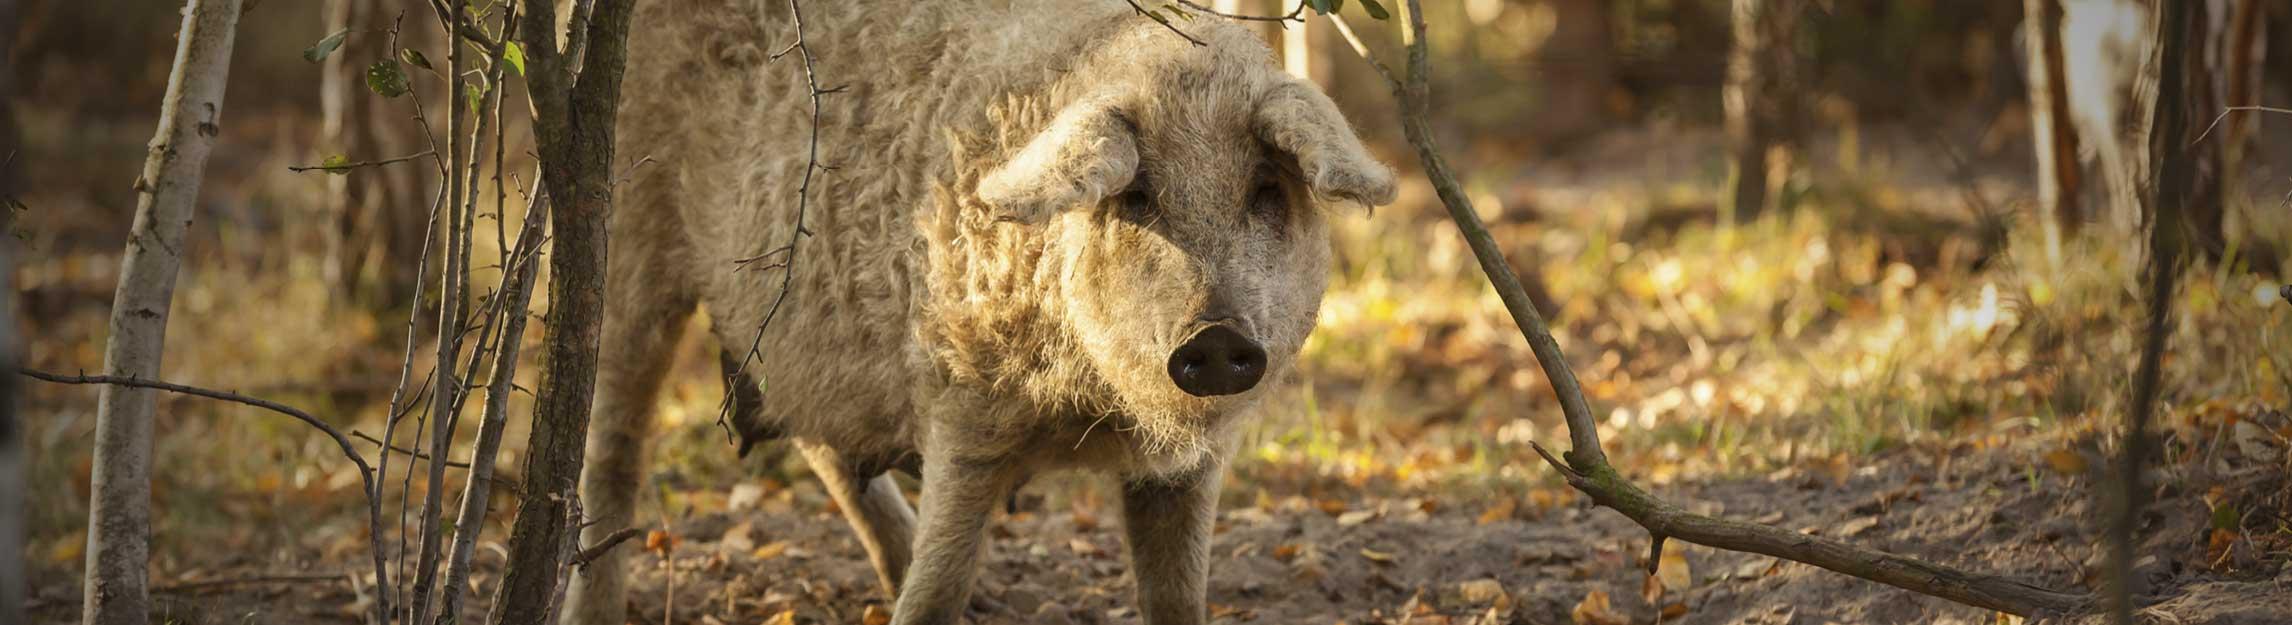 Mangalitza Schweinefleisch online kaufen bei Don Carne.de » Nur allerbeste Qualität ✔ Sichere & schnelle Lieferung ✔ Kontrollierte und zertifizierte Herkunft ✔ Kostenloser Versand ab 99€ Bestellwert ✔